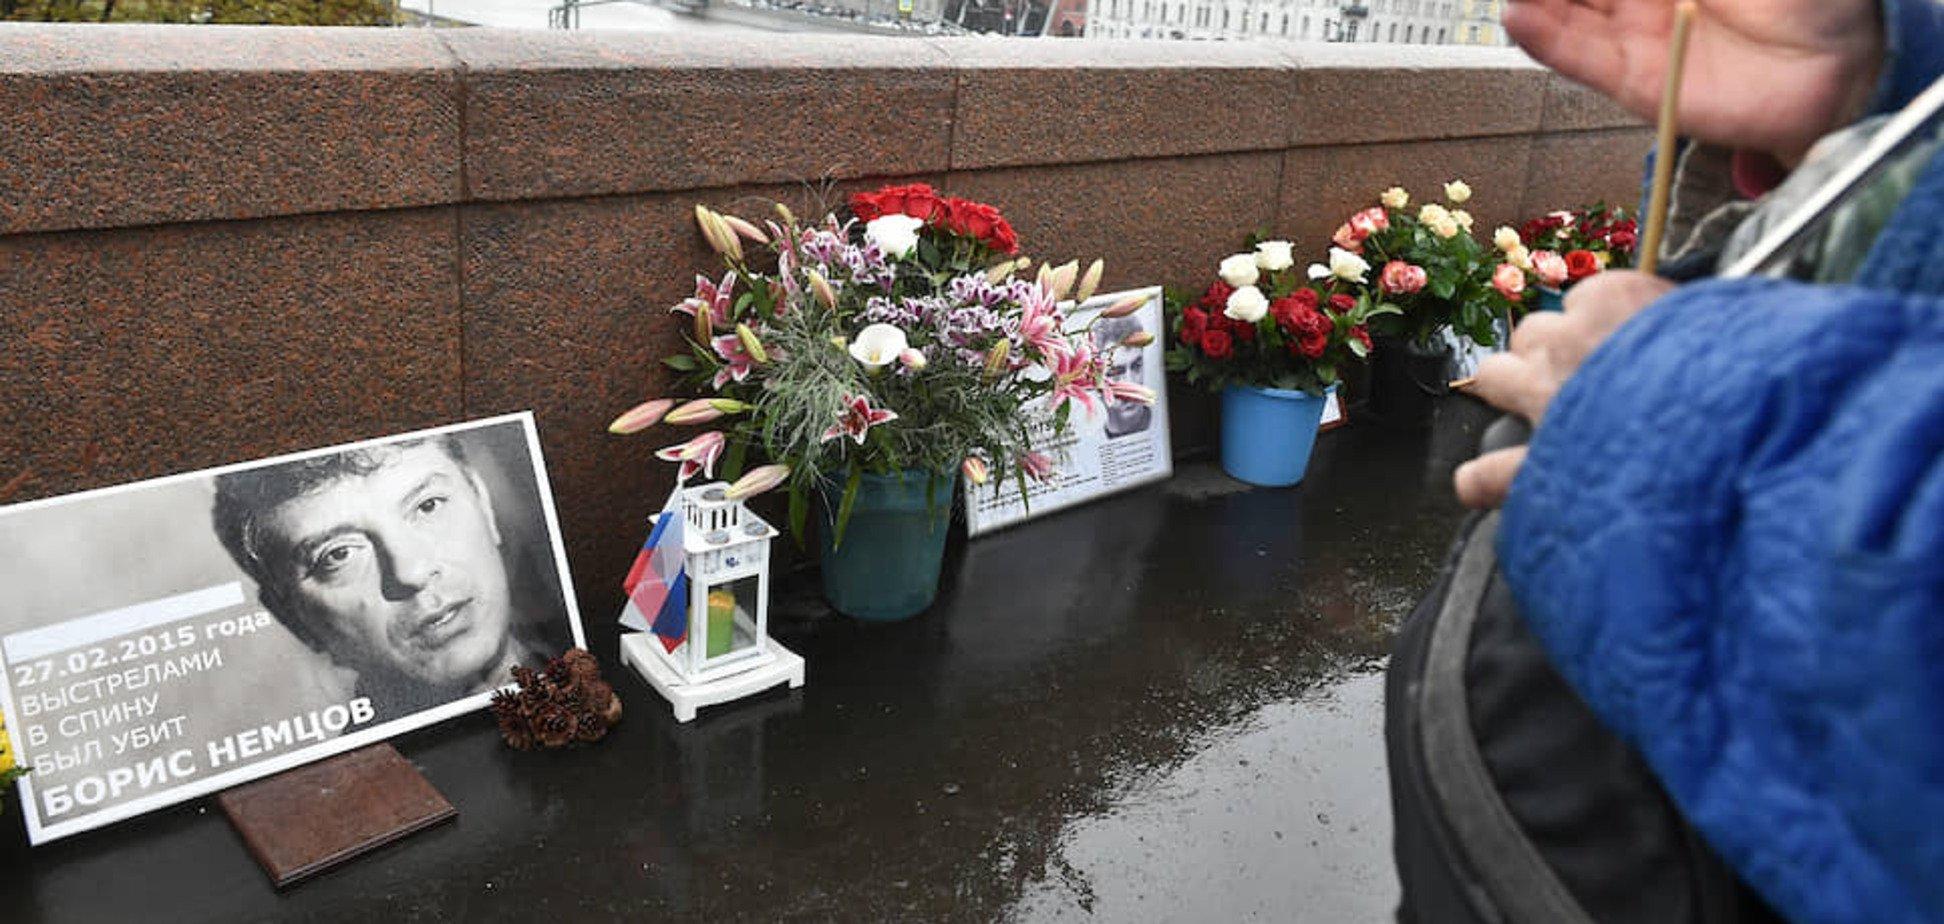 Годовщина убийства Немцова: Фейгин высказался об исполнителях и заказчиках